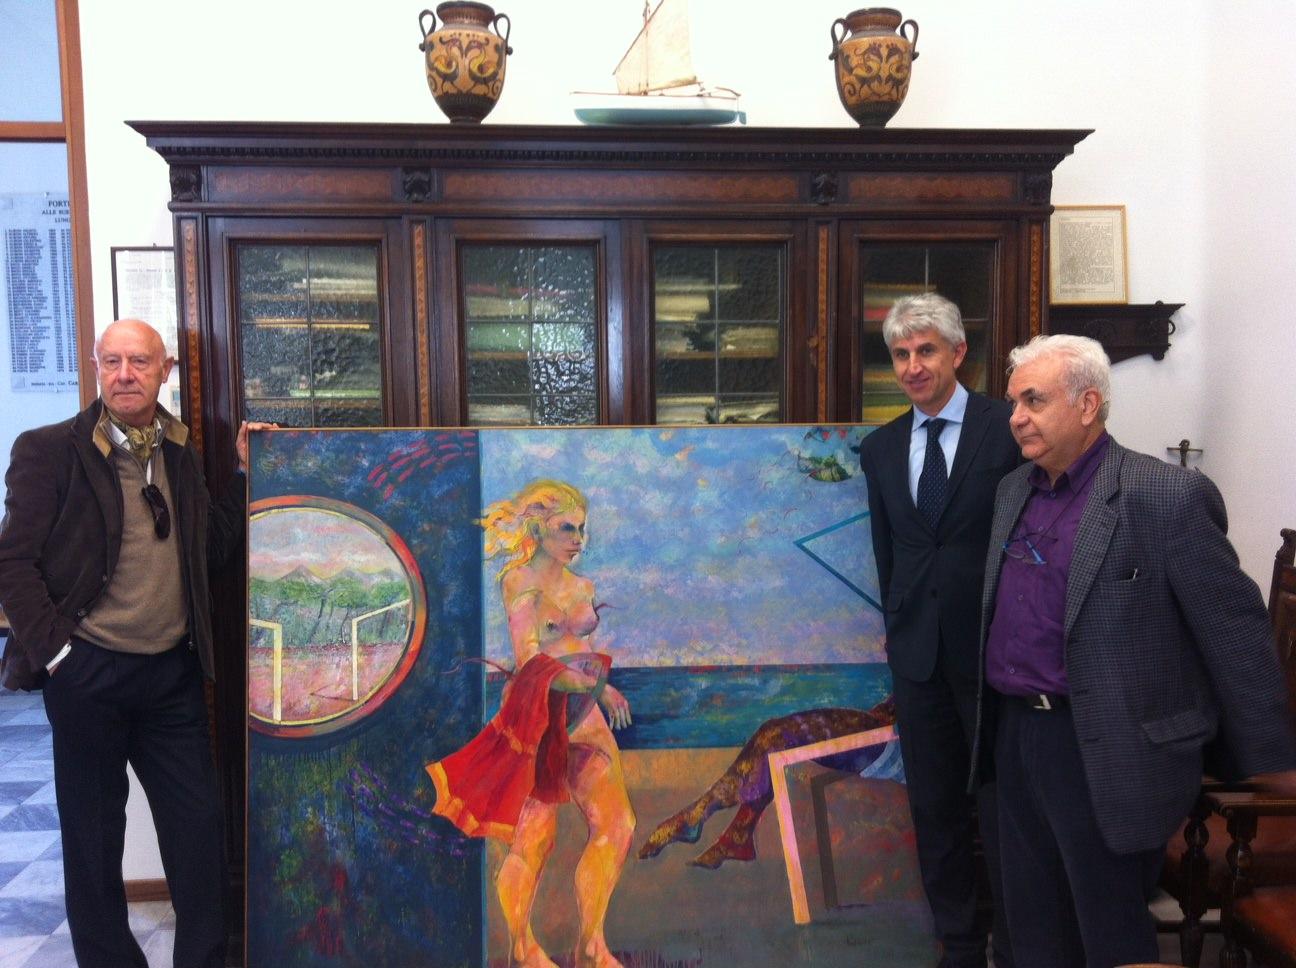 L'artista Stefano Paolicchi dona un quadro al Comune